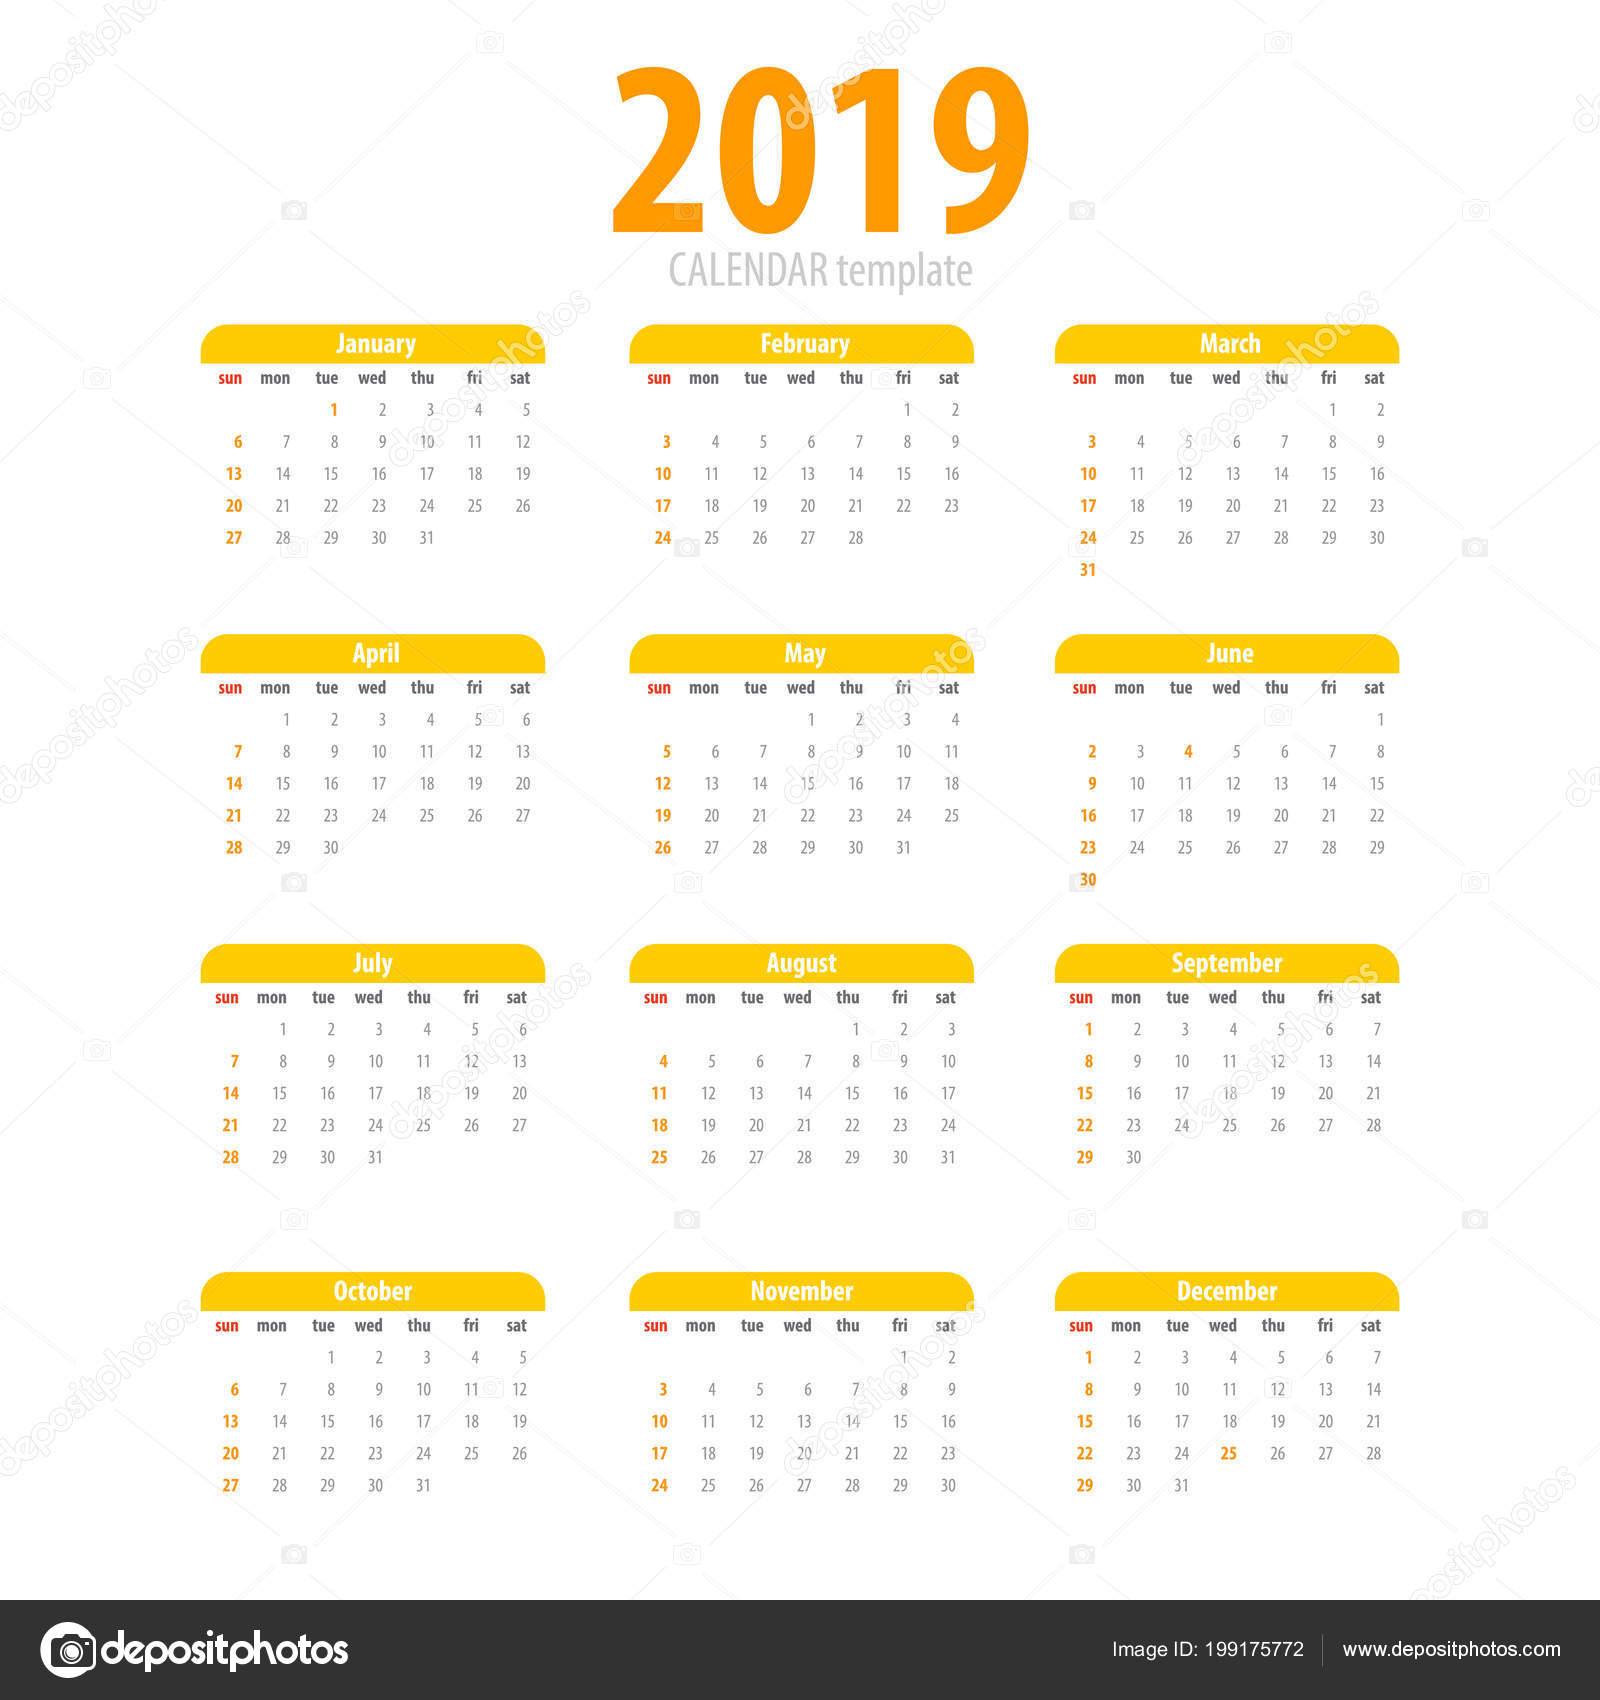 Calendario 2019 Moderno.Semplice Modello Stampabile Calendario 2019 Vettoriali